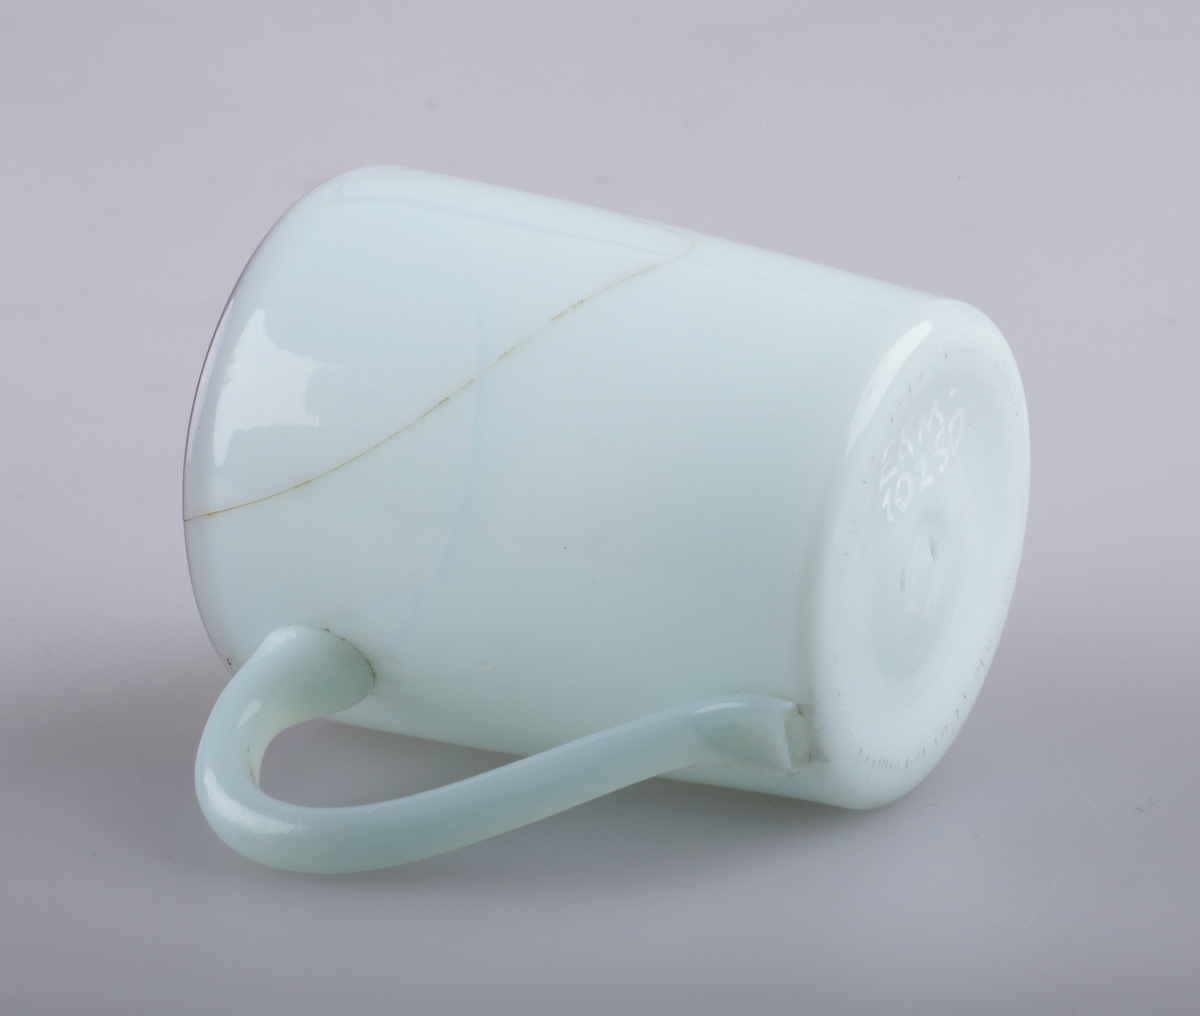 Punsjkopp i beinhvitt glass med brun ring. Hanken er i blankt glass, med hvitt glassbelegg rundt. Brutt pontemerke/puntelmerke under. Punsjen ble servert varm, og ble derfor drukket av små glasskopper med hank. Antagelig produsert på Gjøvik Glassverk (1807-1843).